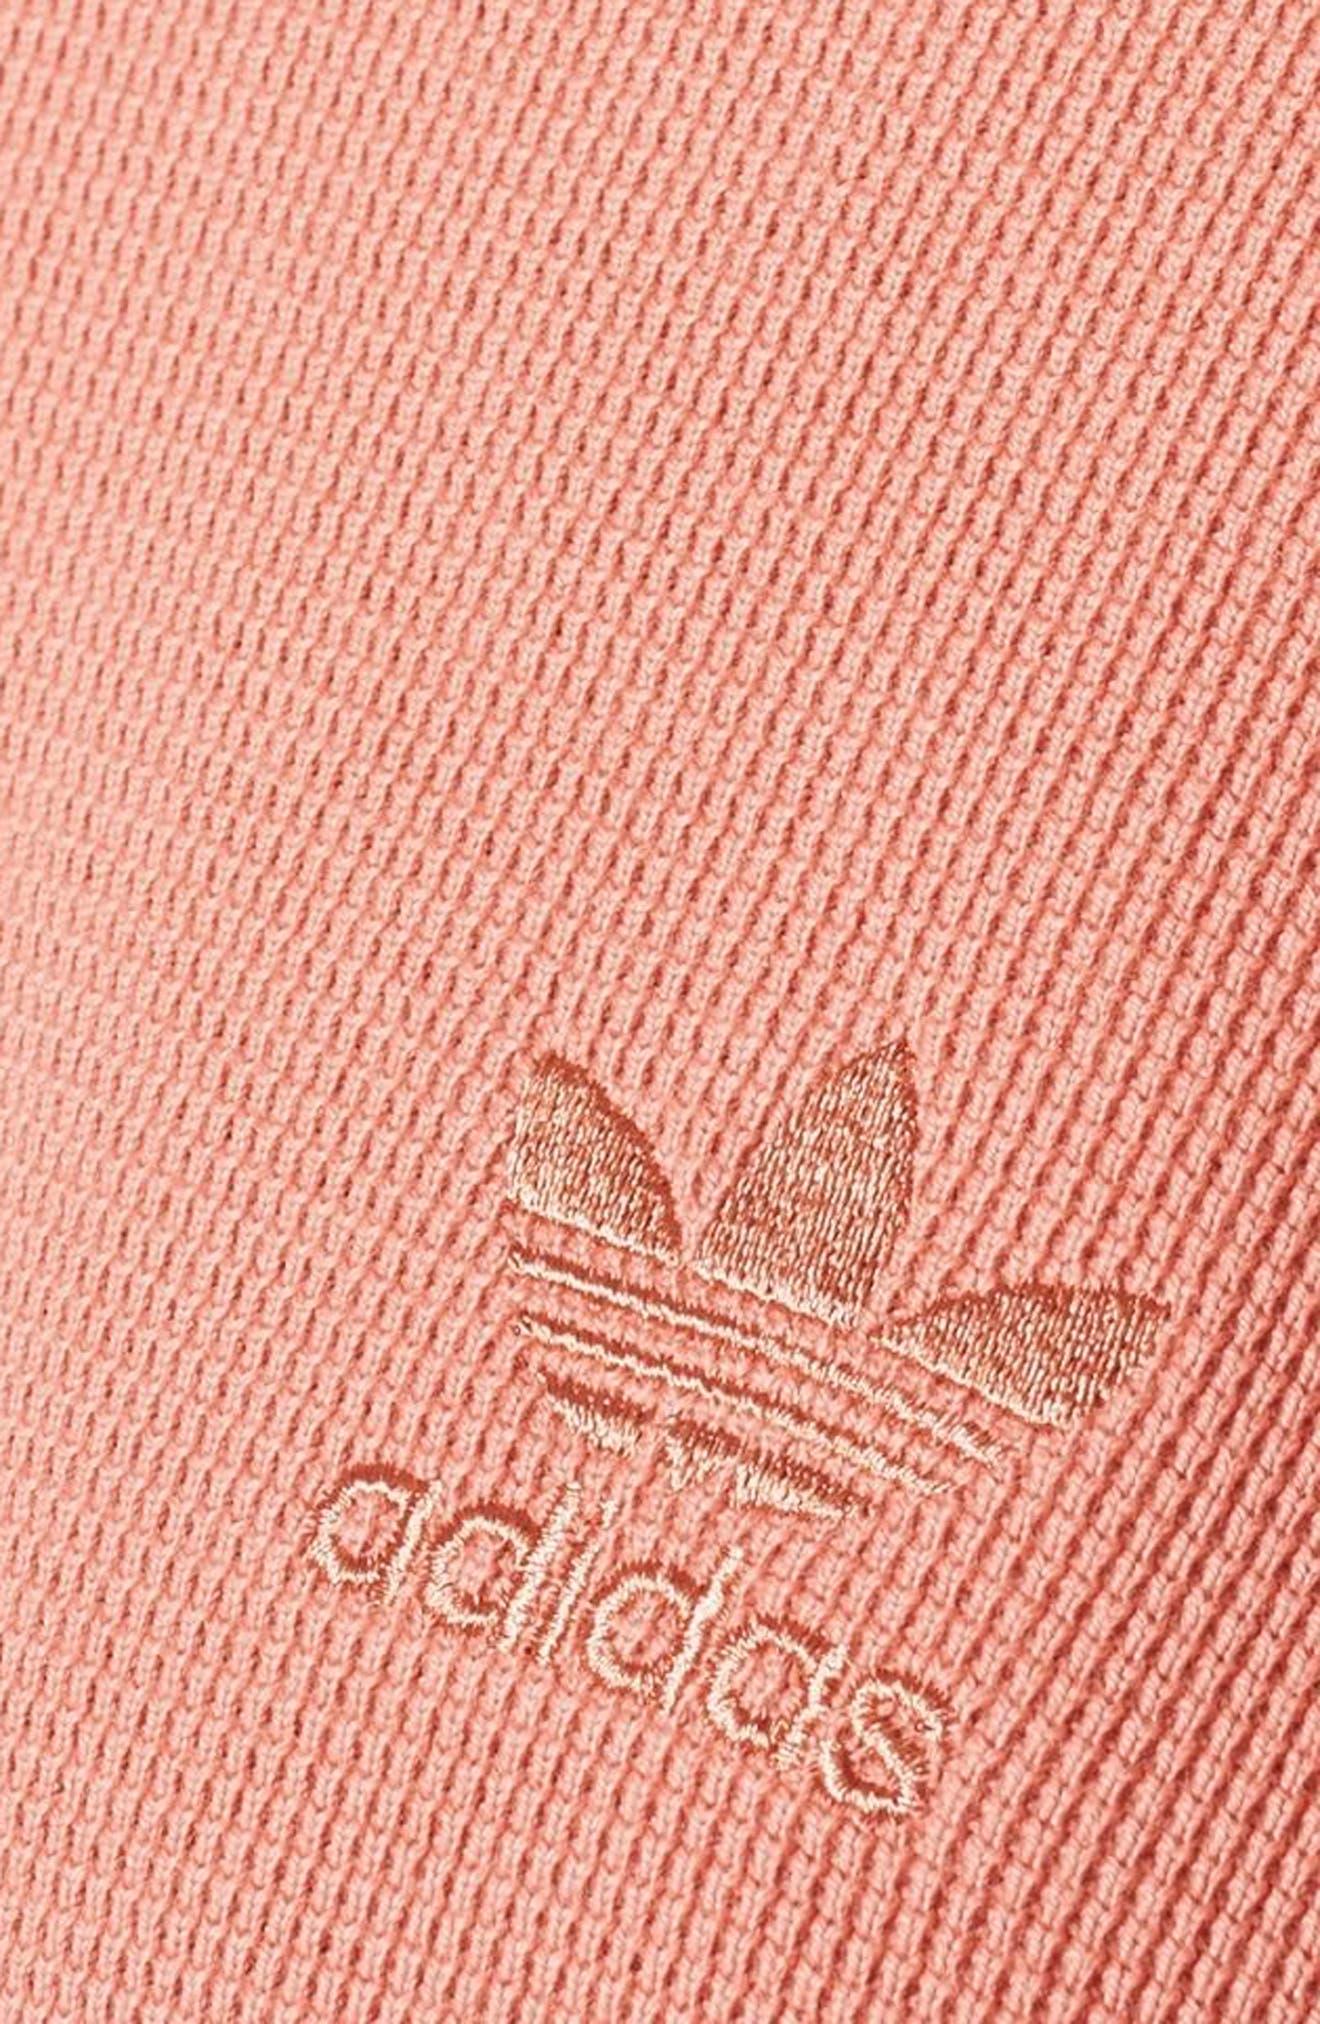 Originals Thermal Sweatshirt,                             Alternate thumbnail 7, color,                             Raw Pink